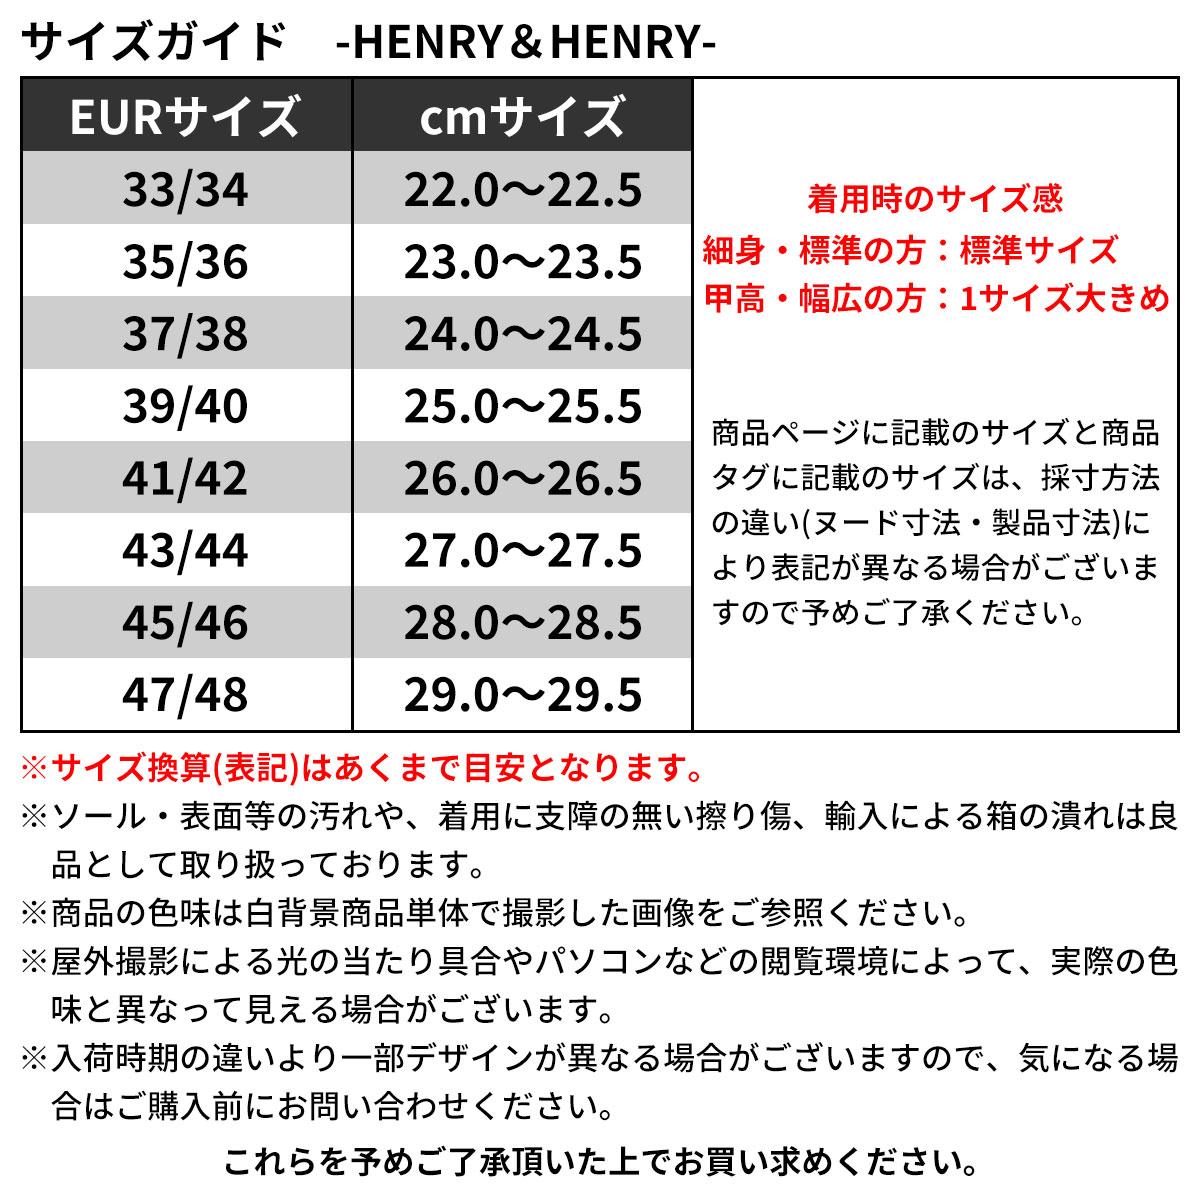 ヘンリーアンドヘンリー HENRY&HENRY 正規販売店 サンダル フリッパー FRIPPER SANDAL MARRON / ORANGE 29/54 A66B B3C C4D D3E E10F